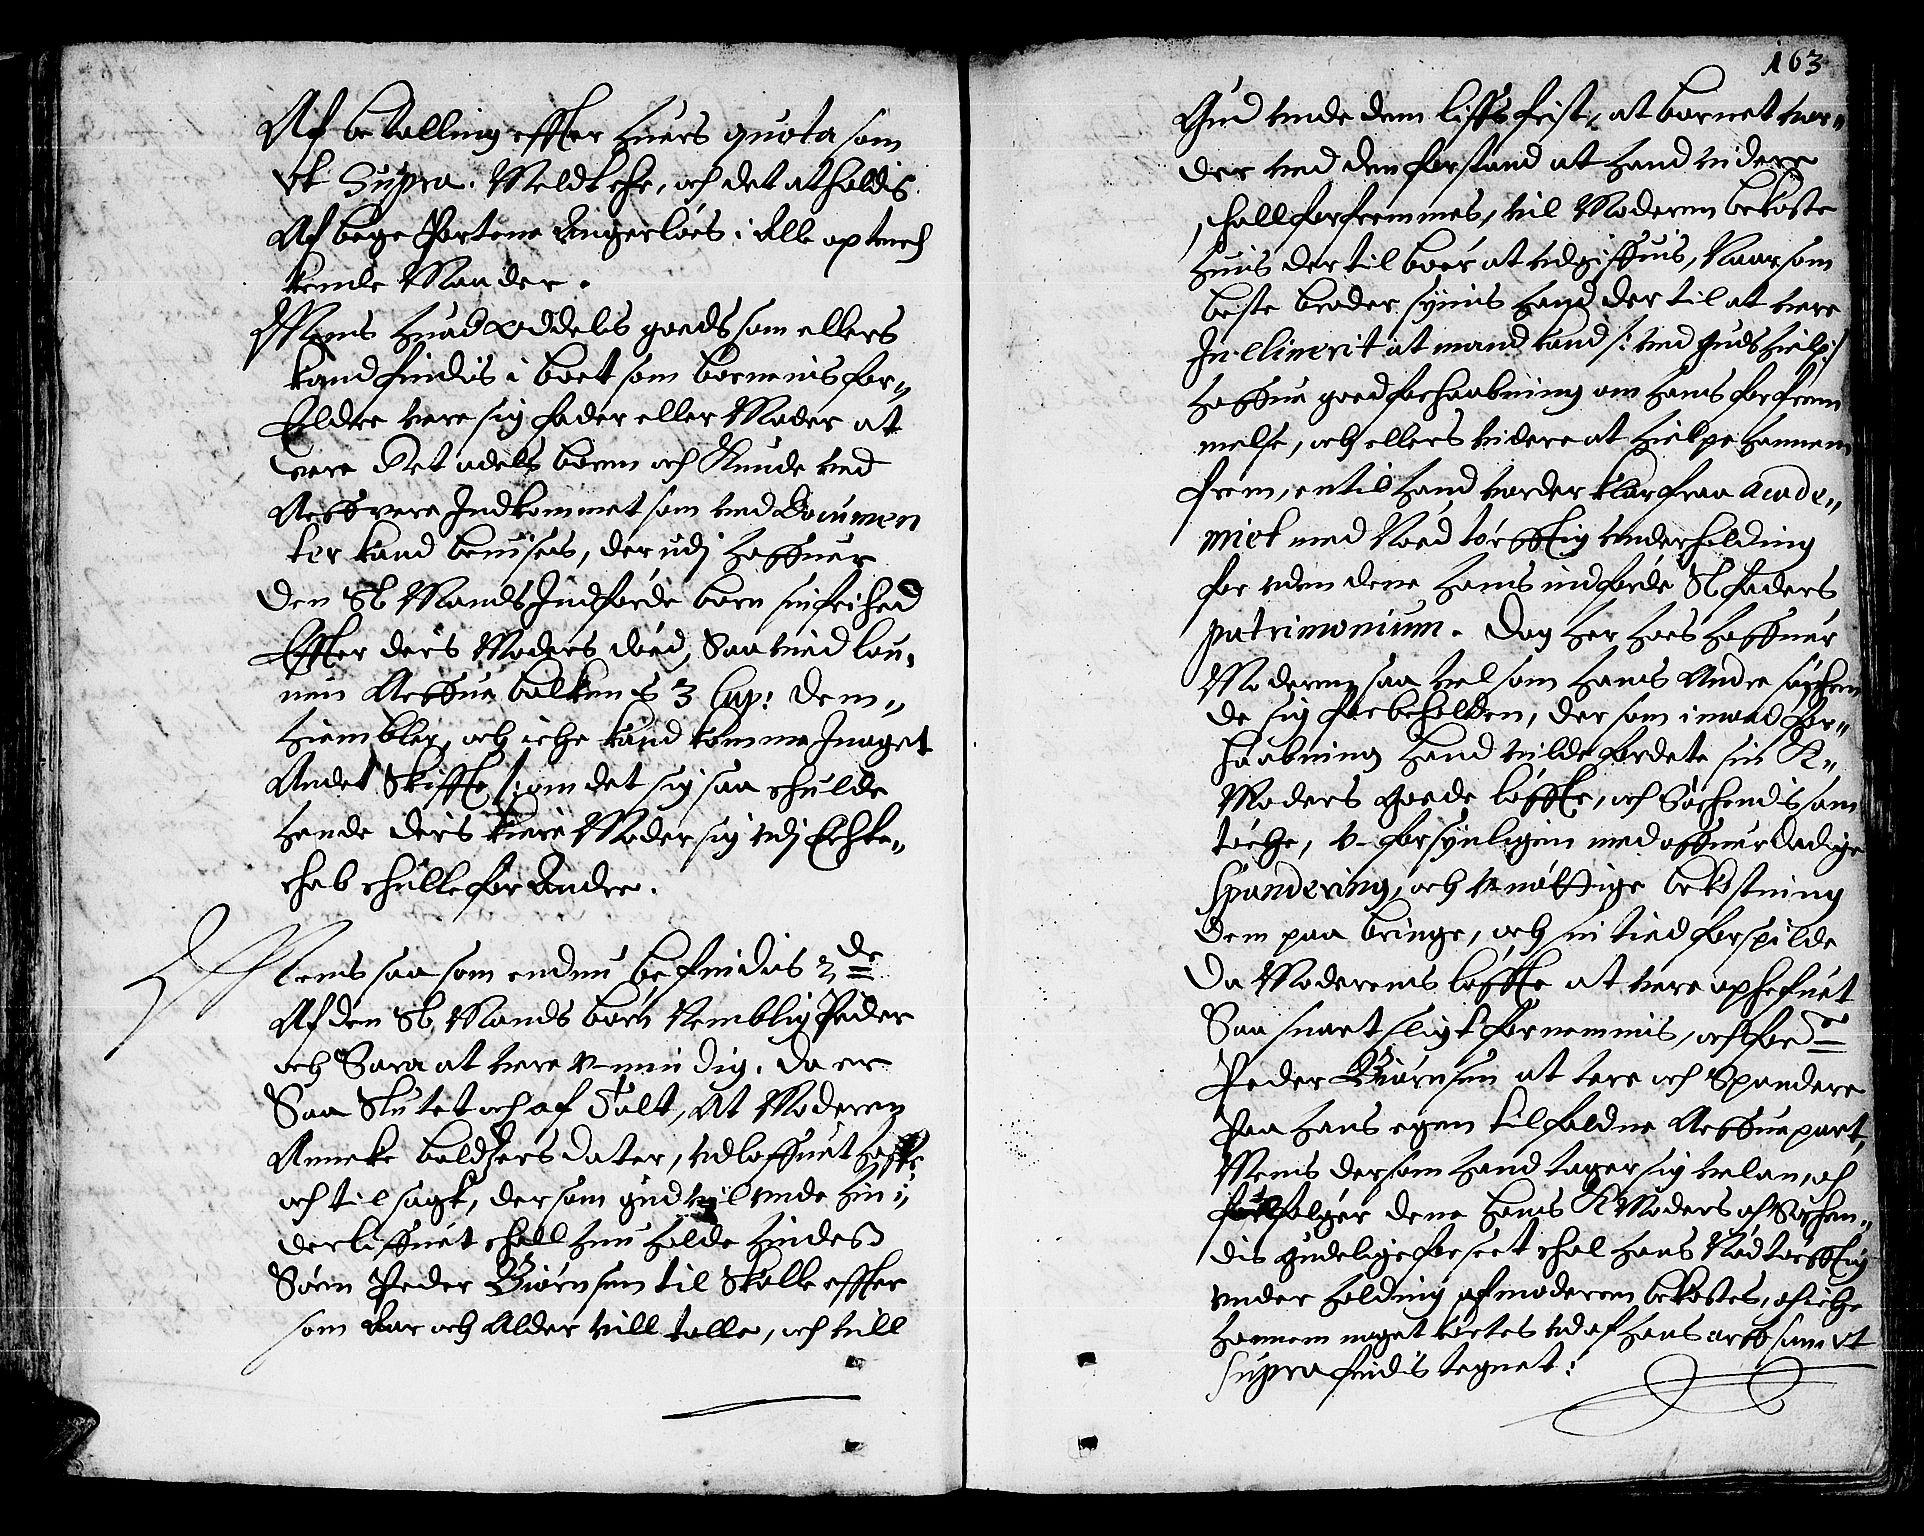 SAT, Lofoten sorenskriveri, 3/3A/L0001: Skifteprotokoll, 1673-1694, s. 162b-163a